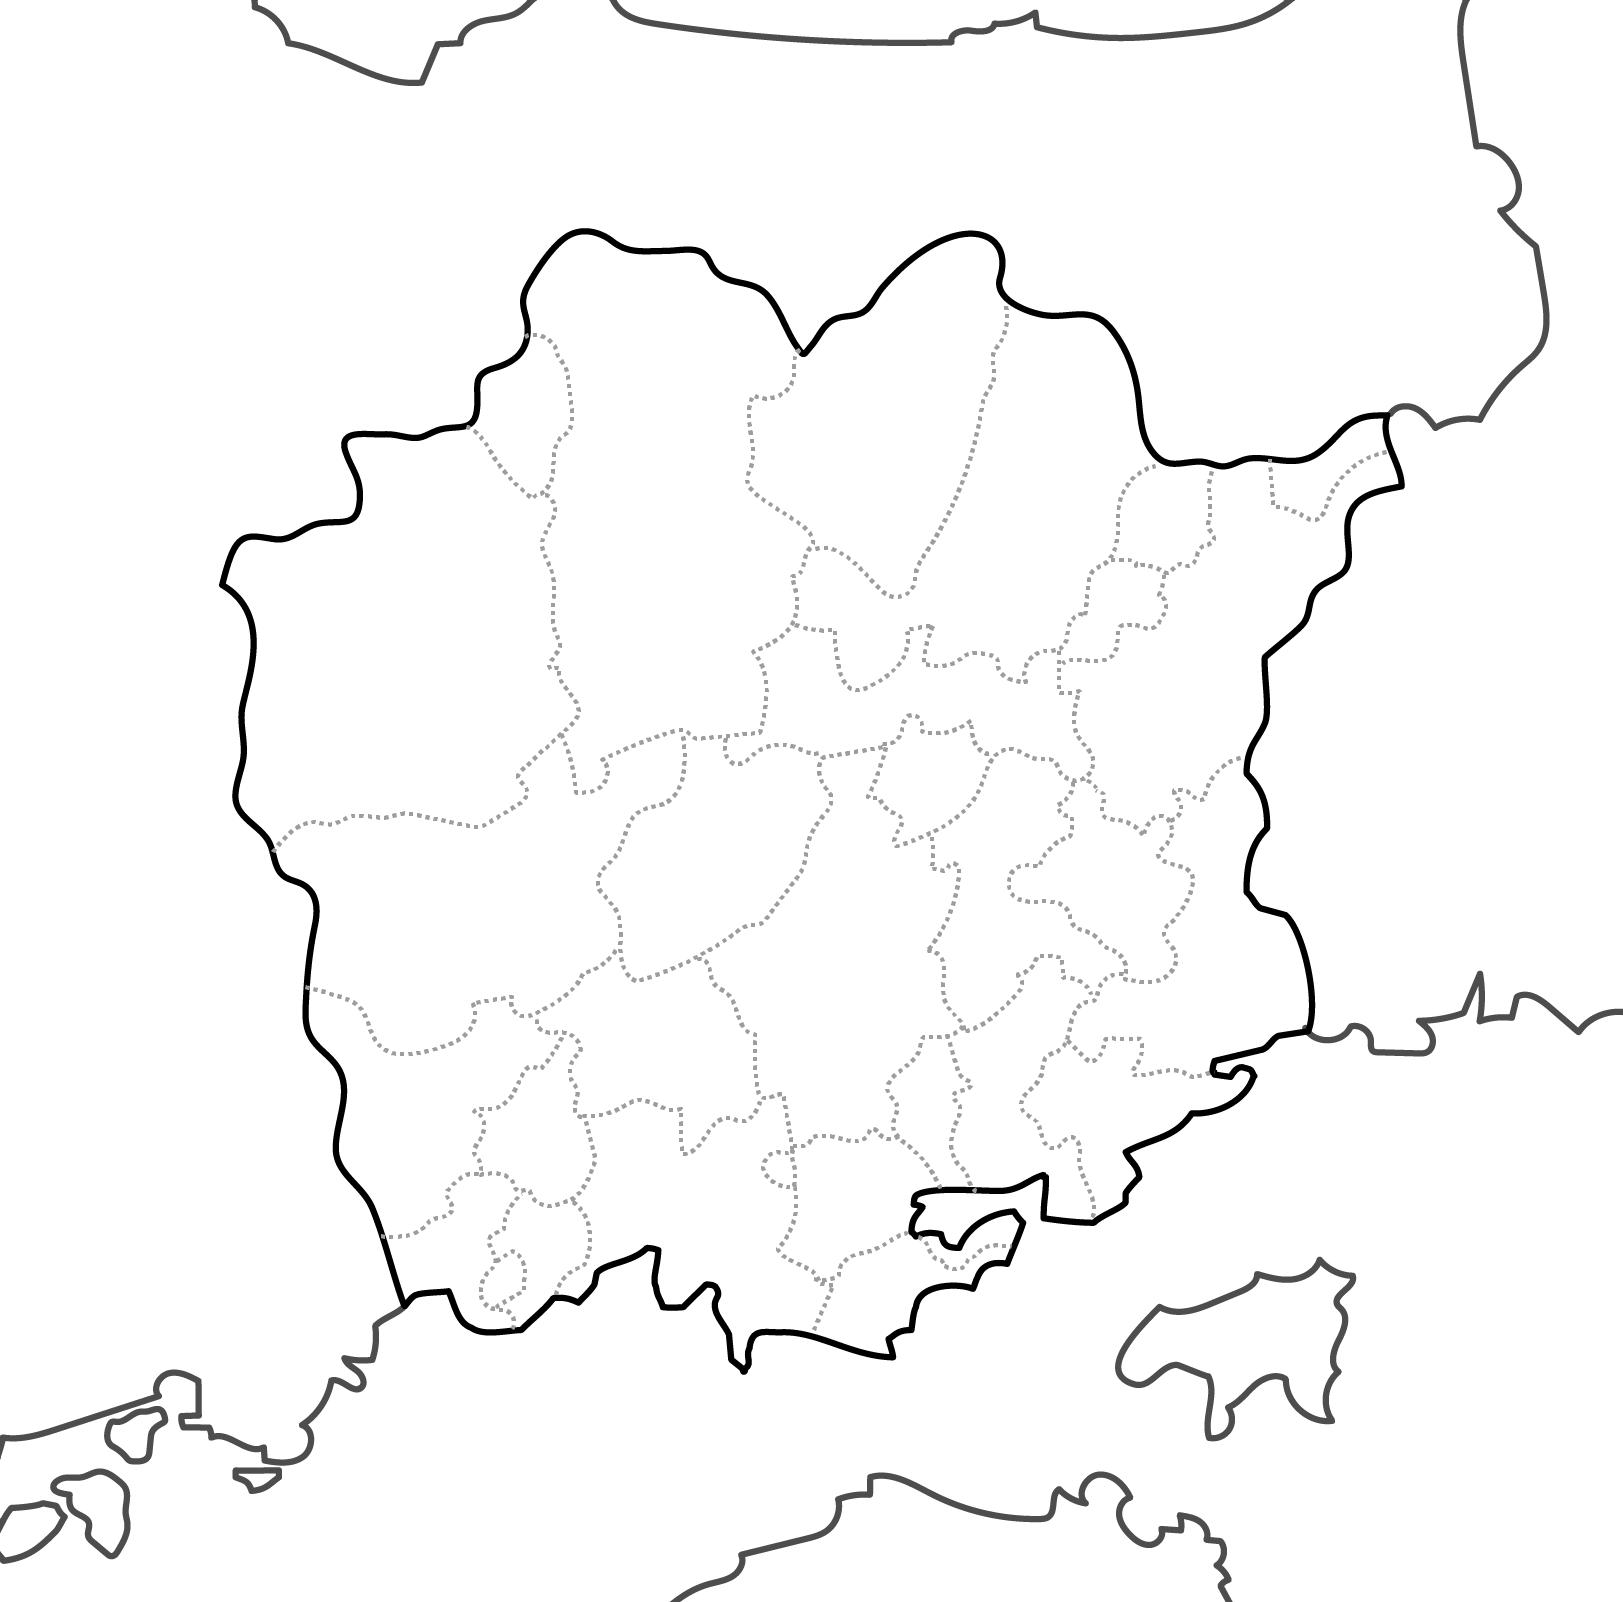 [白地図]岡山県・ラインあり・市区町村名なし・隣県なし